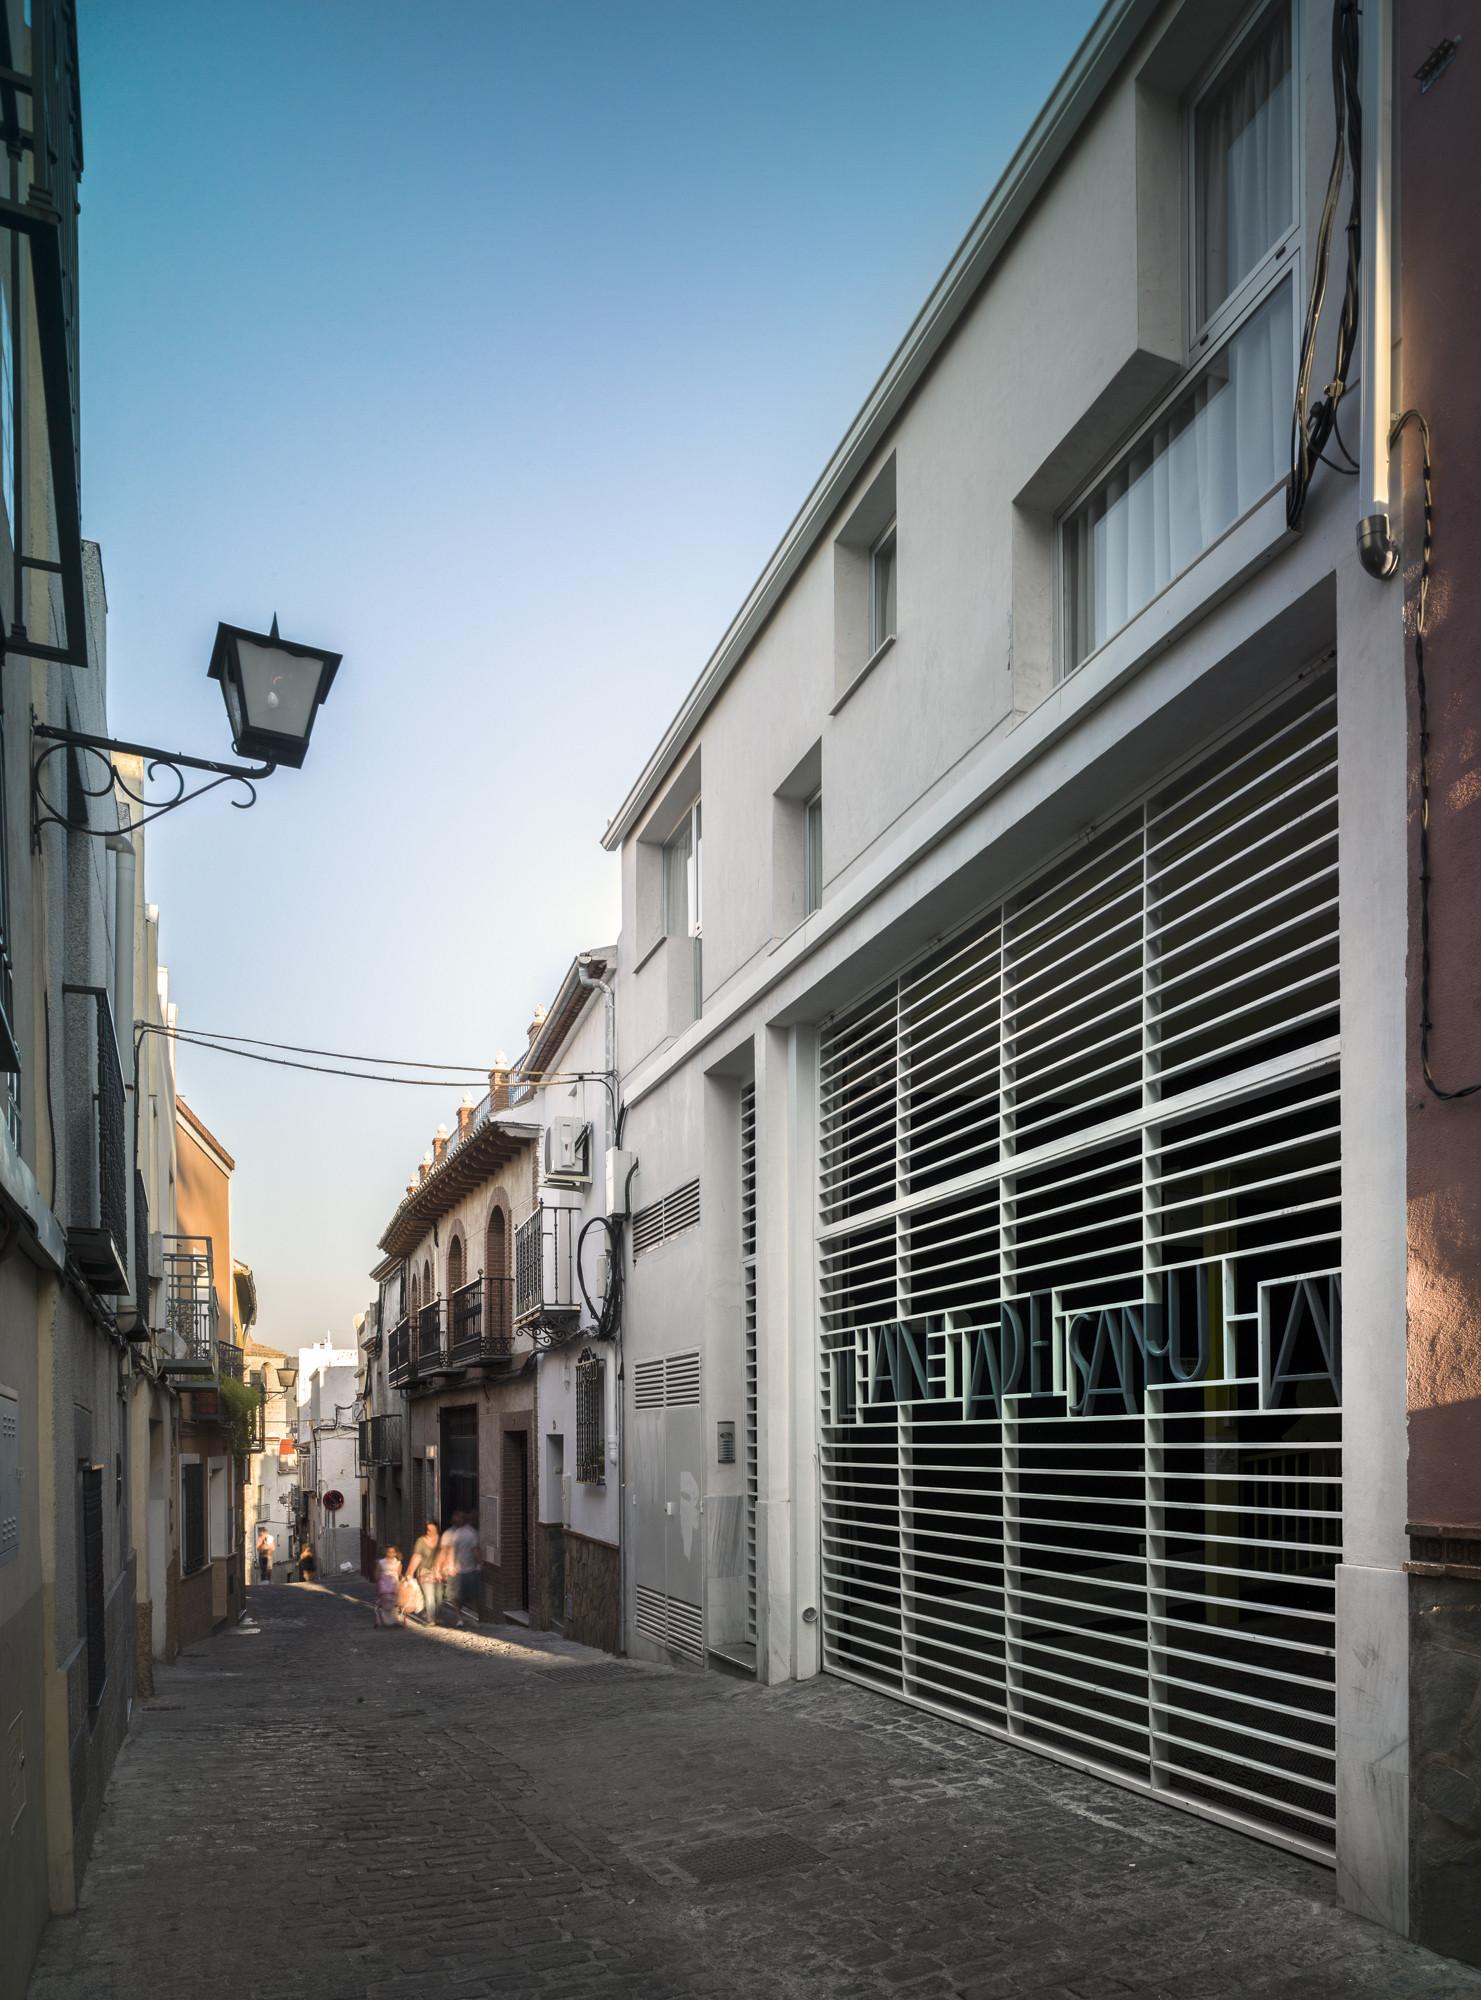 416 - Toque fresco, urbano y lleno de color en el barrio de San Juan de Jaén